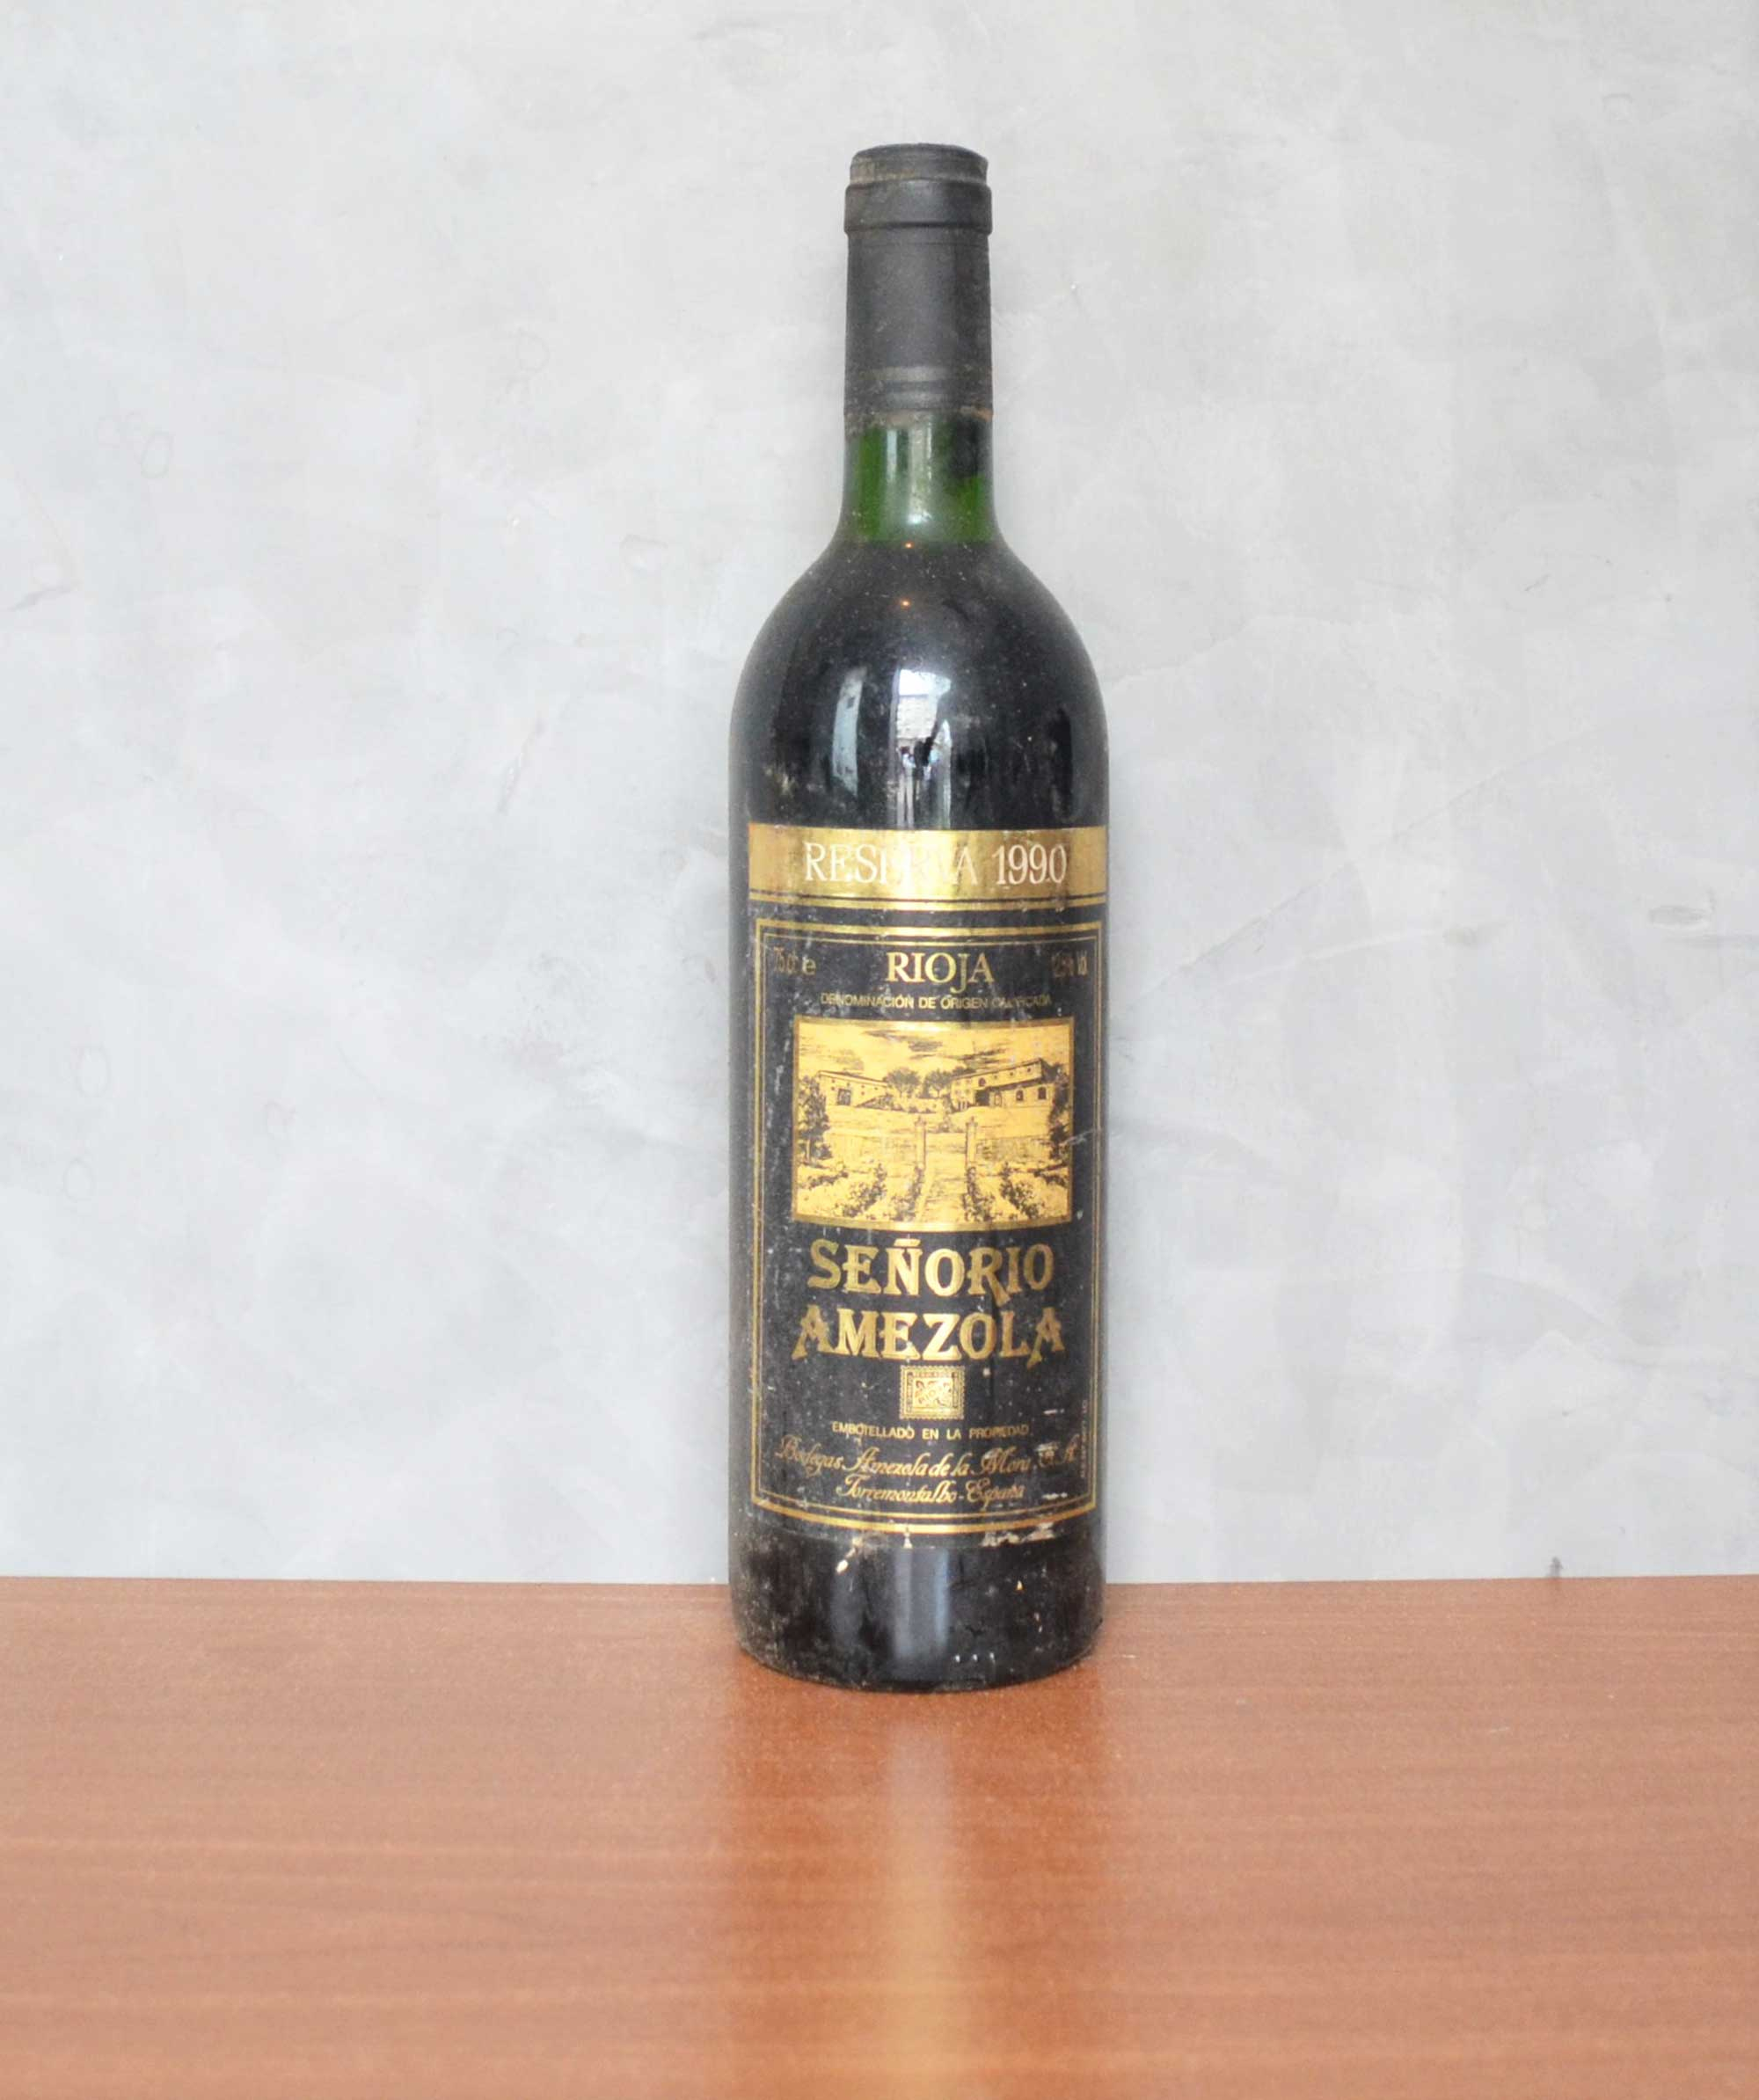 señorio amezola reserve 1990